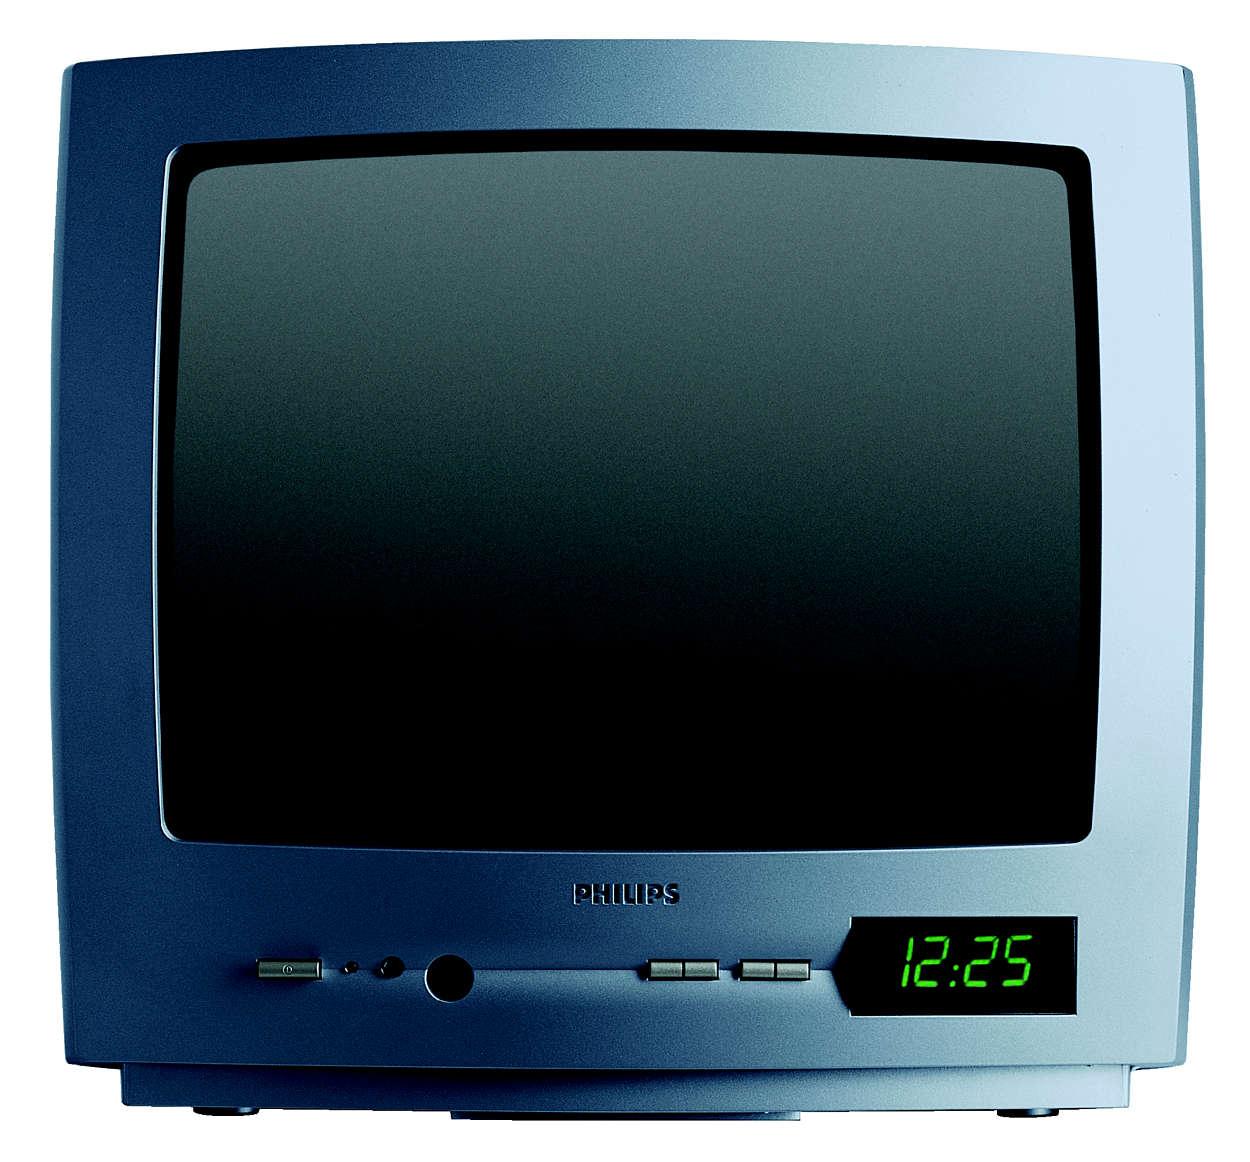 Kompaktný TV ProPlus s hotelovým režimom